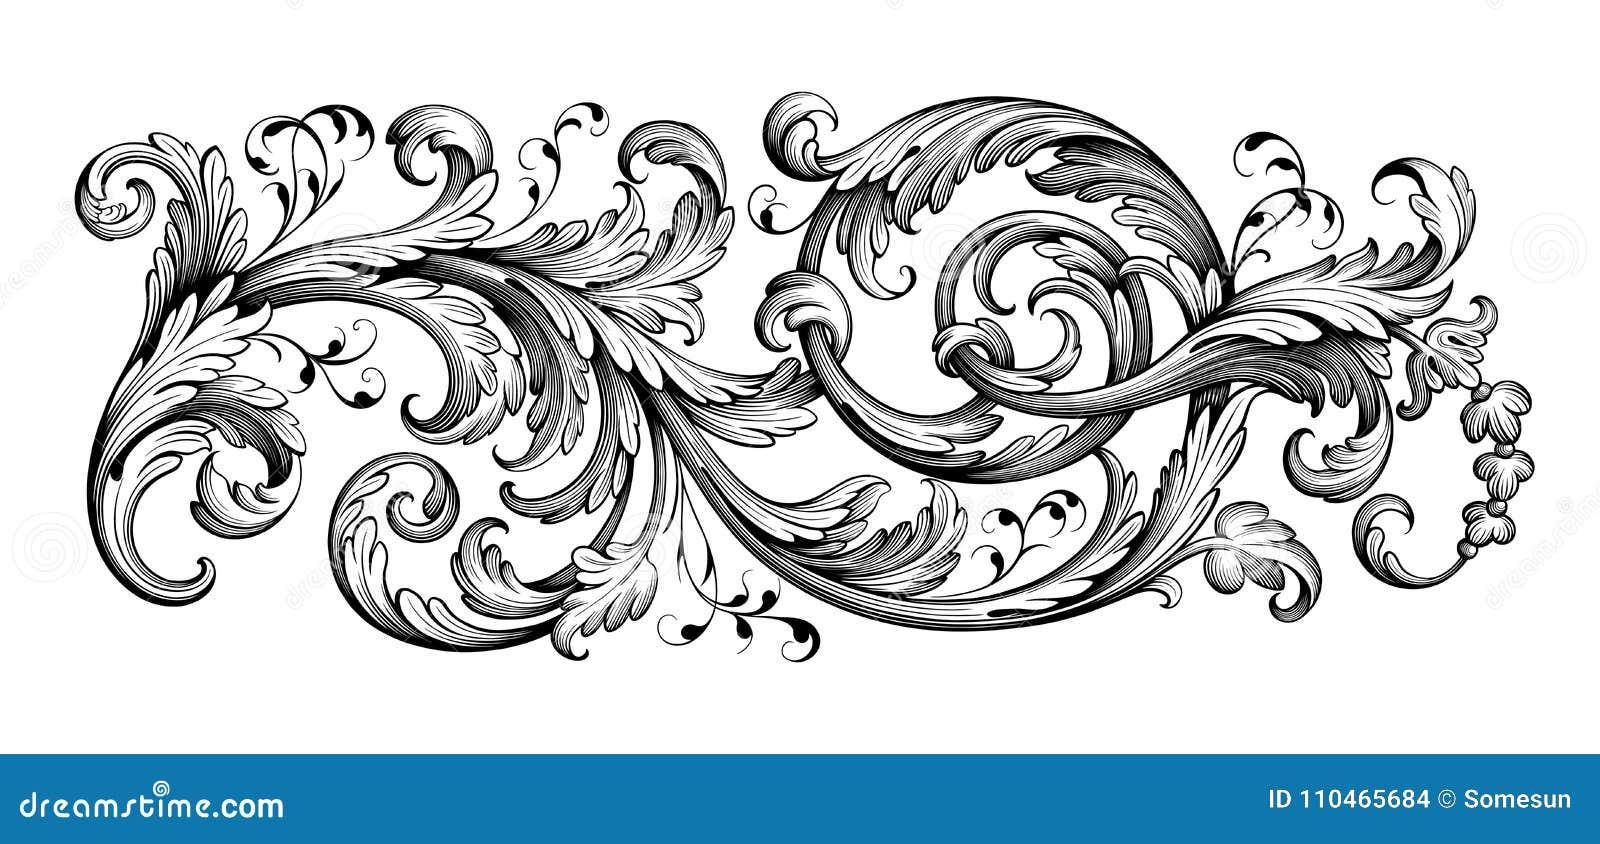 Vecteur calligraphique de rétro tatouage de modèle gravé par rouleau victorien baroque d ornement floral de frontière de cadre de